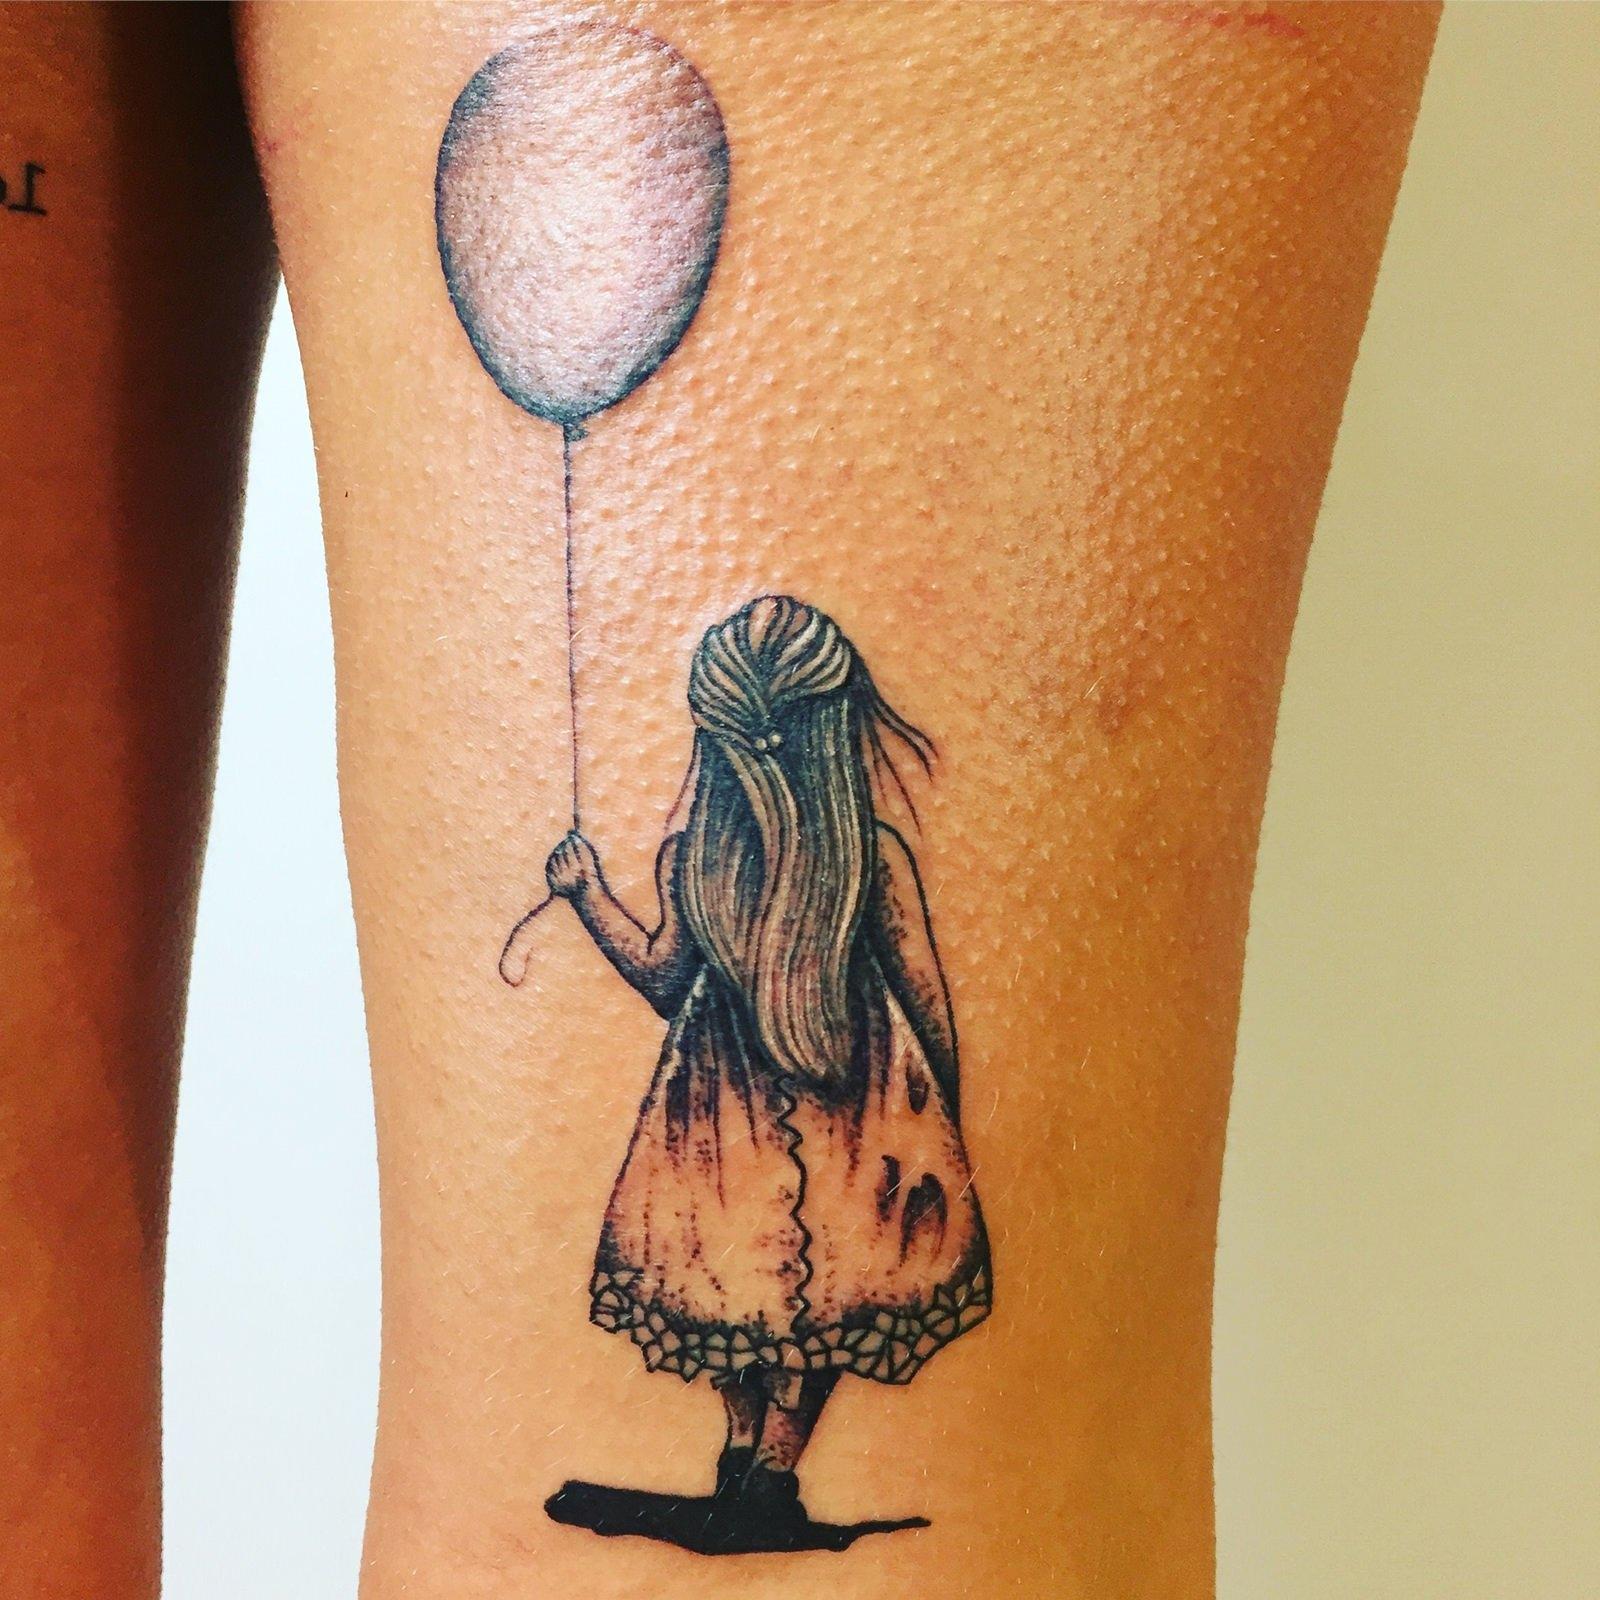 Tatuagem feminina de garota de costas segurando um balão